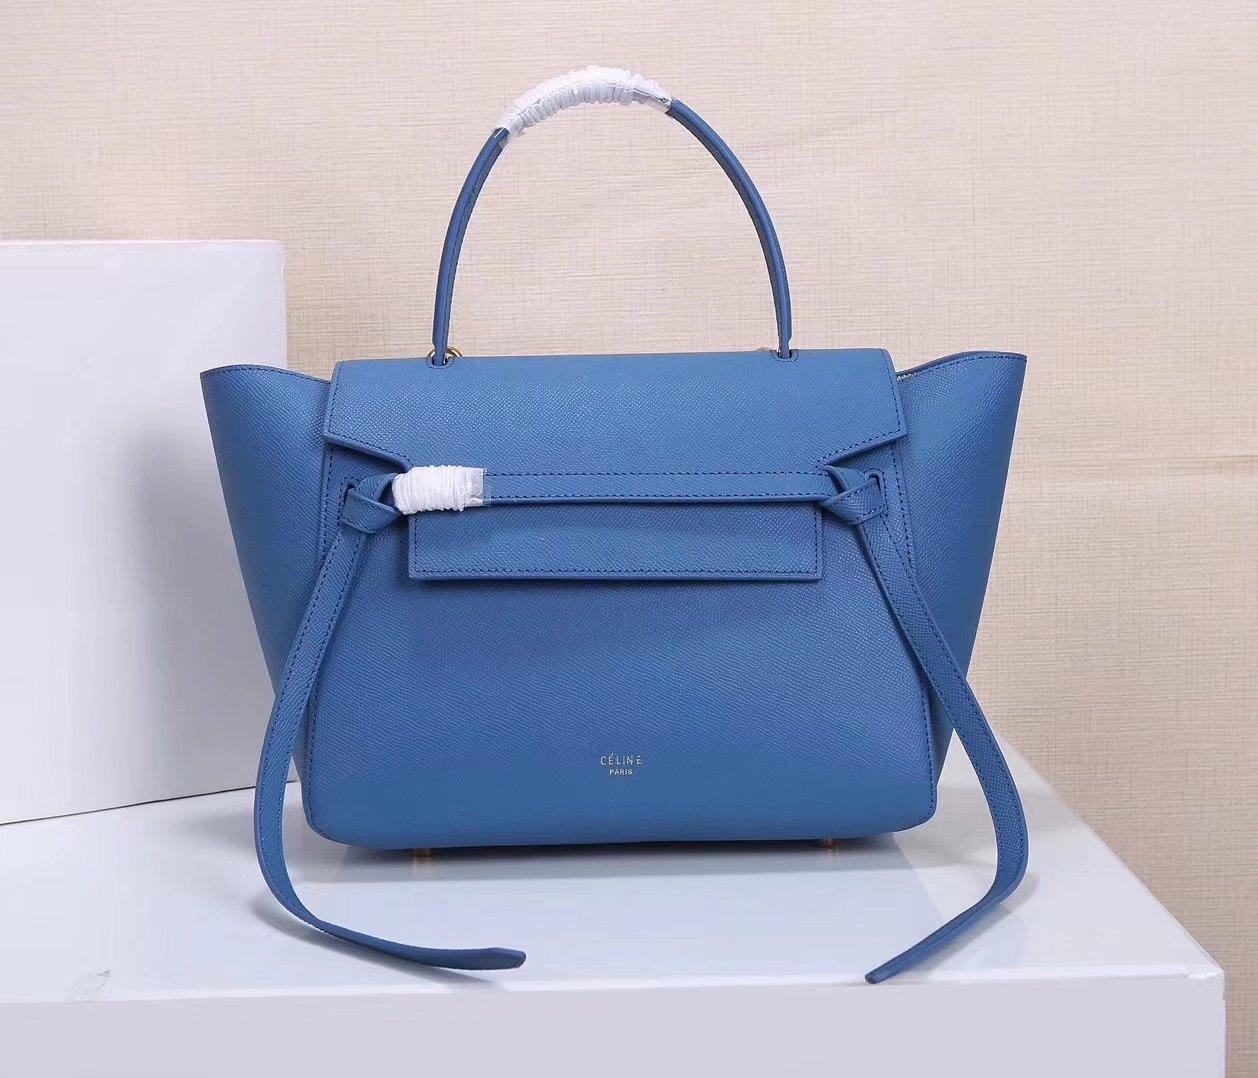 Celine Women Mini Belt Bag in Grained Calfskin Leather Blue